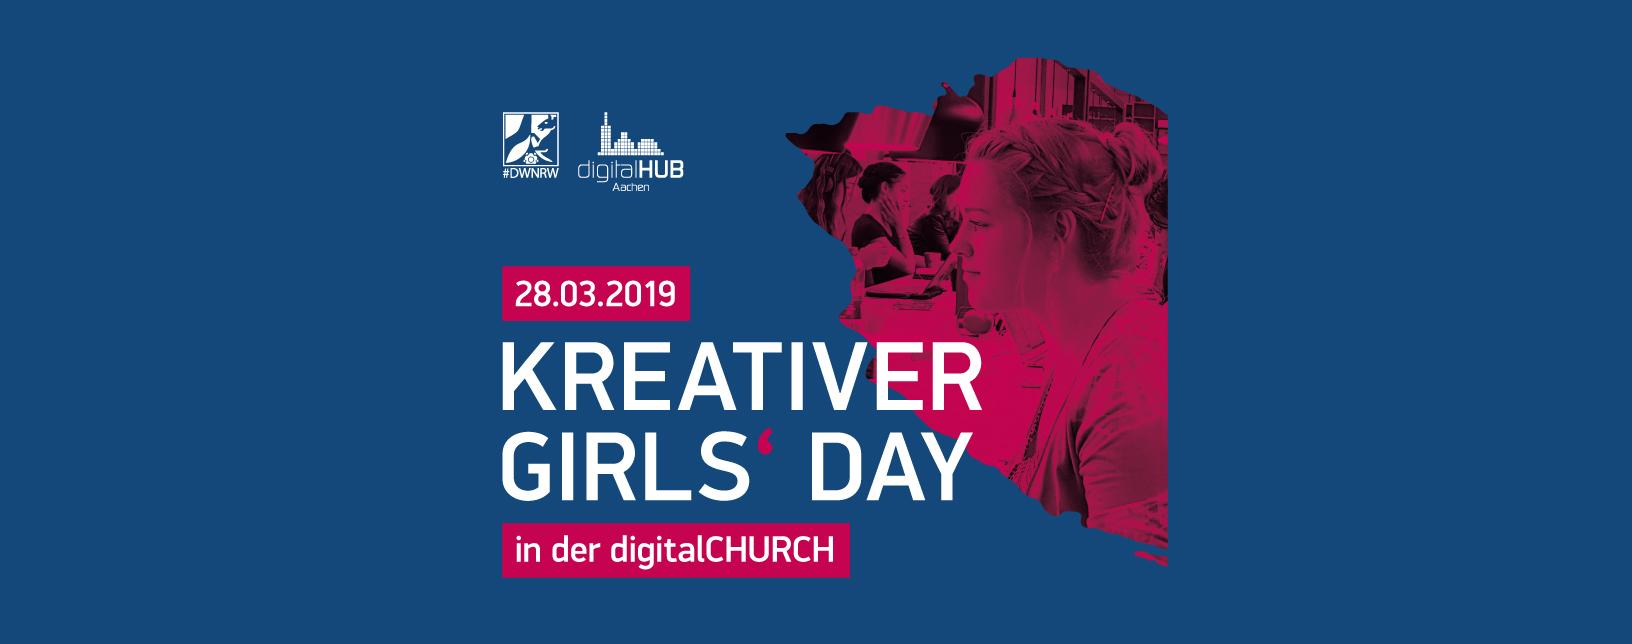 Kreativer Girls Day Mit Mini Computern In Der Digitalchurch